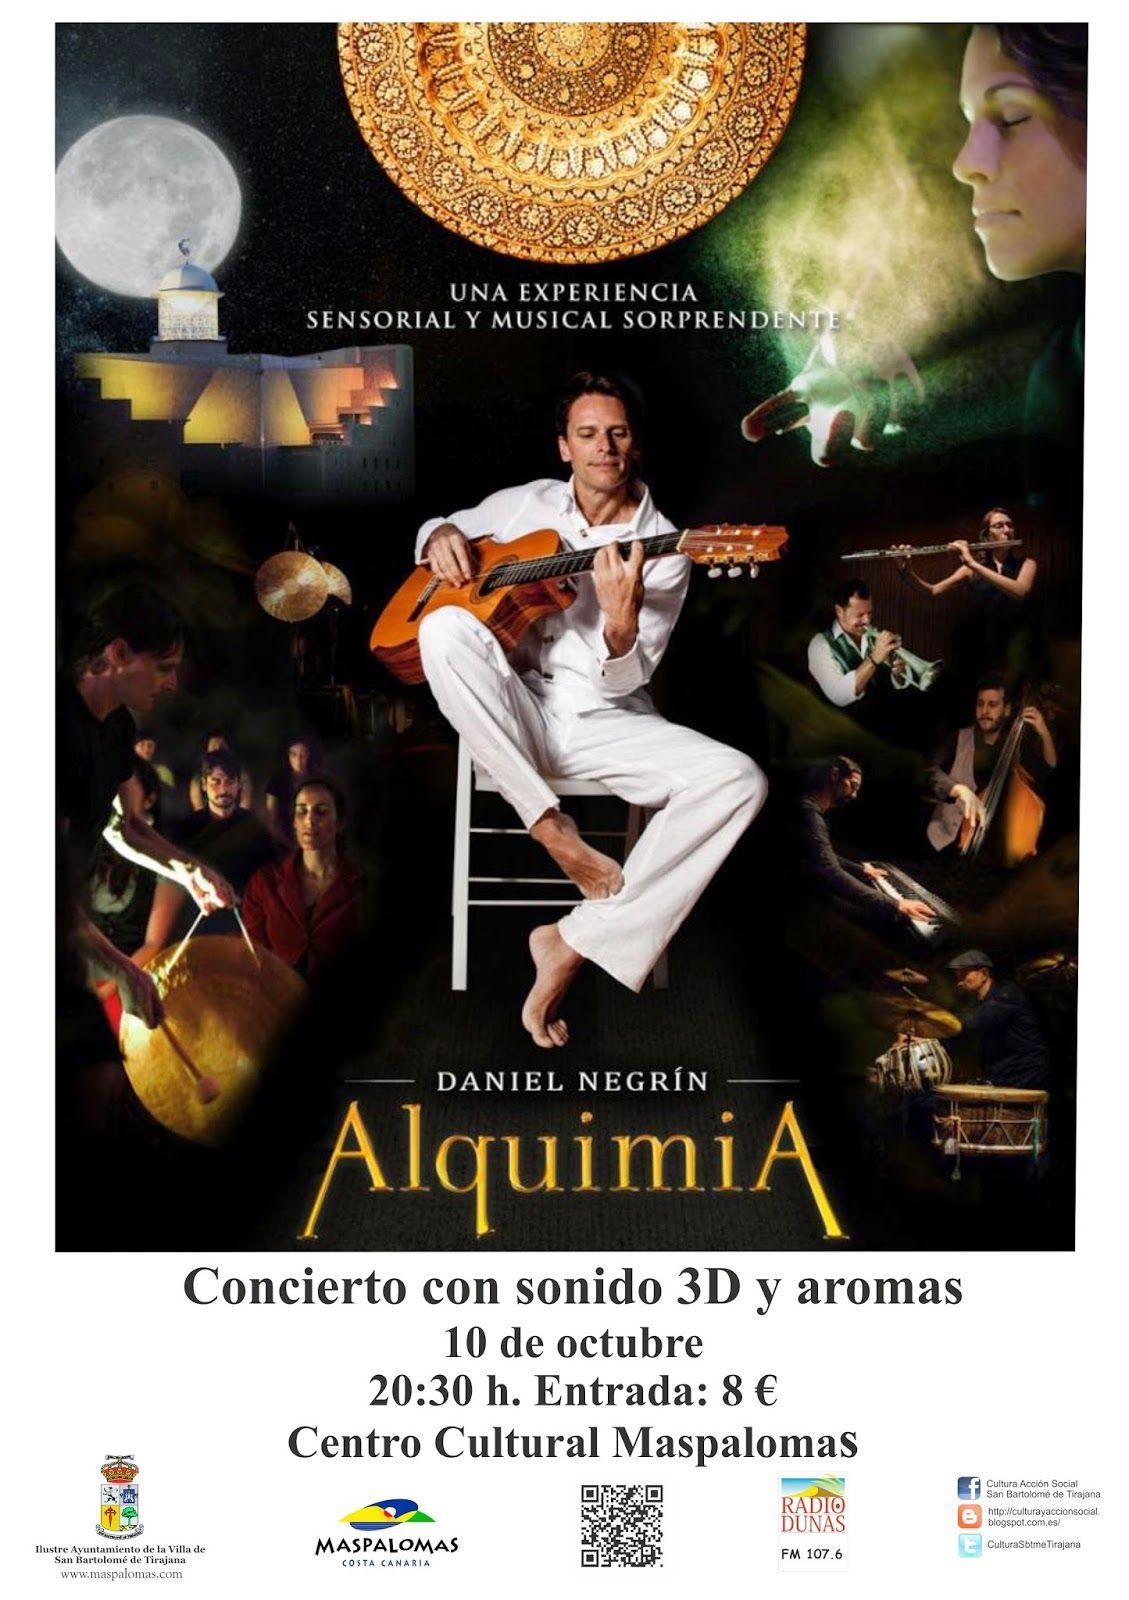 Área de Cultura y Acción Social de San Bartolomé de Tirajana: Alquimia, una experiencia sensorial y musical sorp...